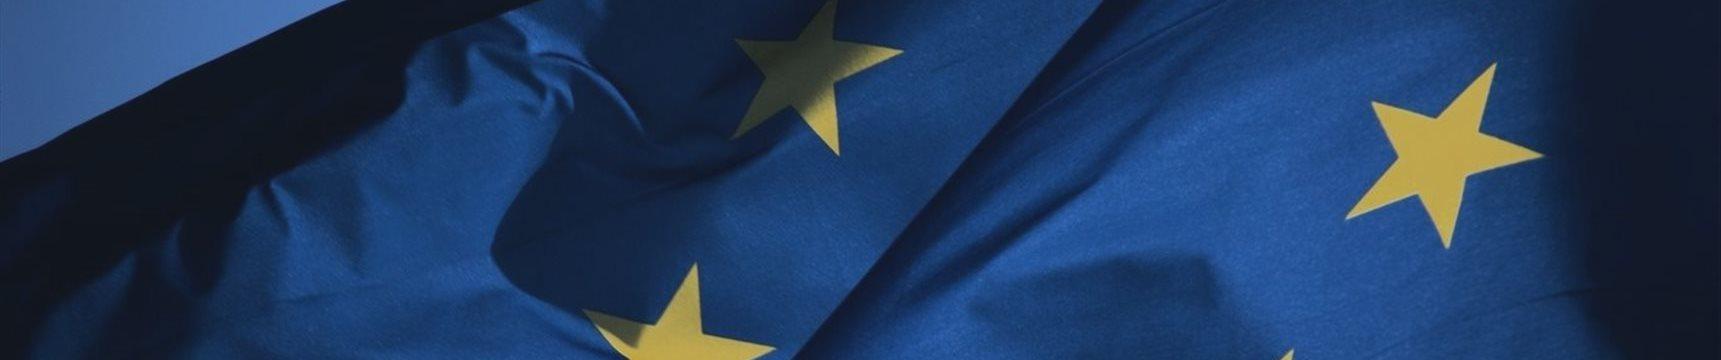 El euro avanza frente al dólar y al yen a la espera de las actas de la Fed